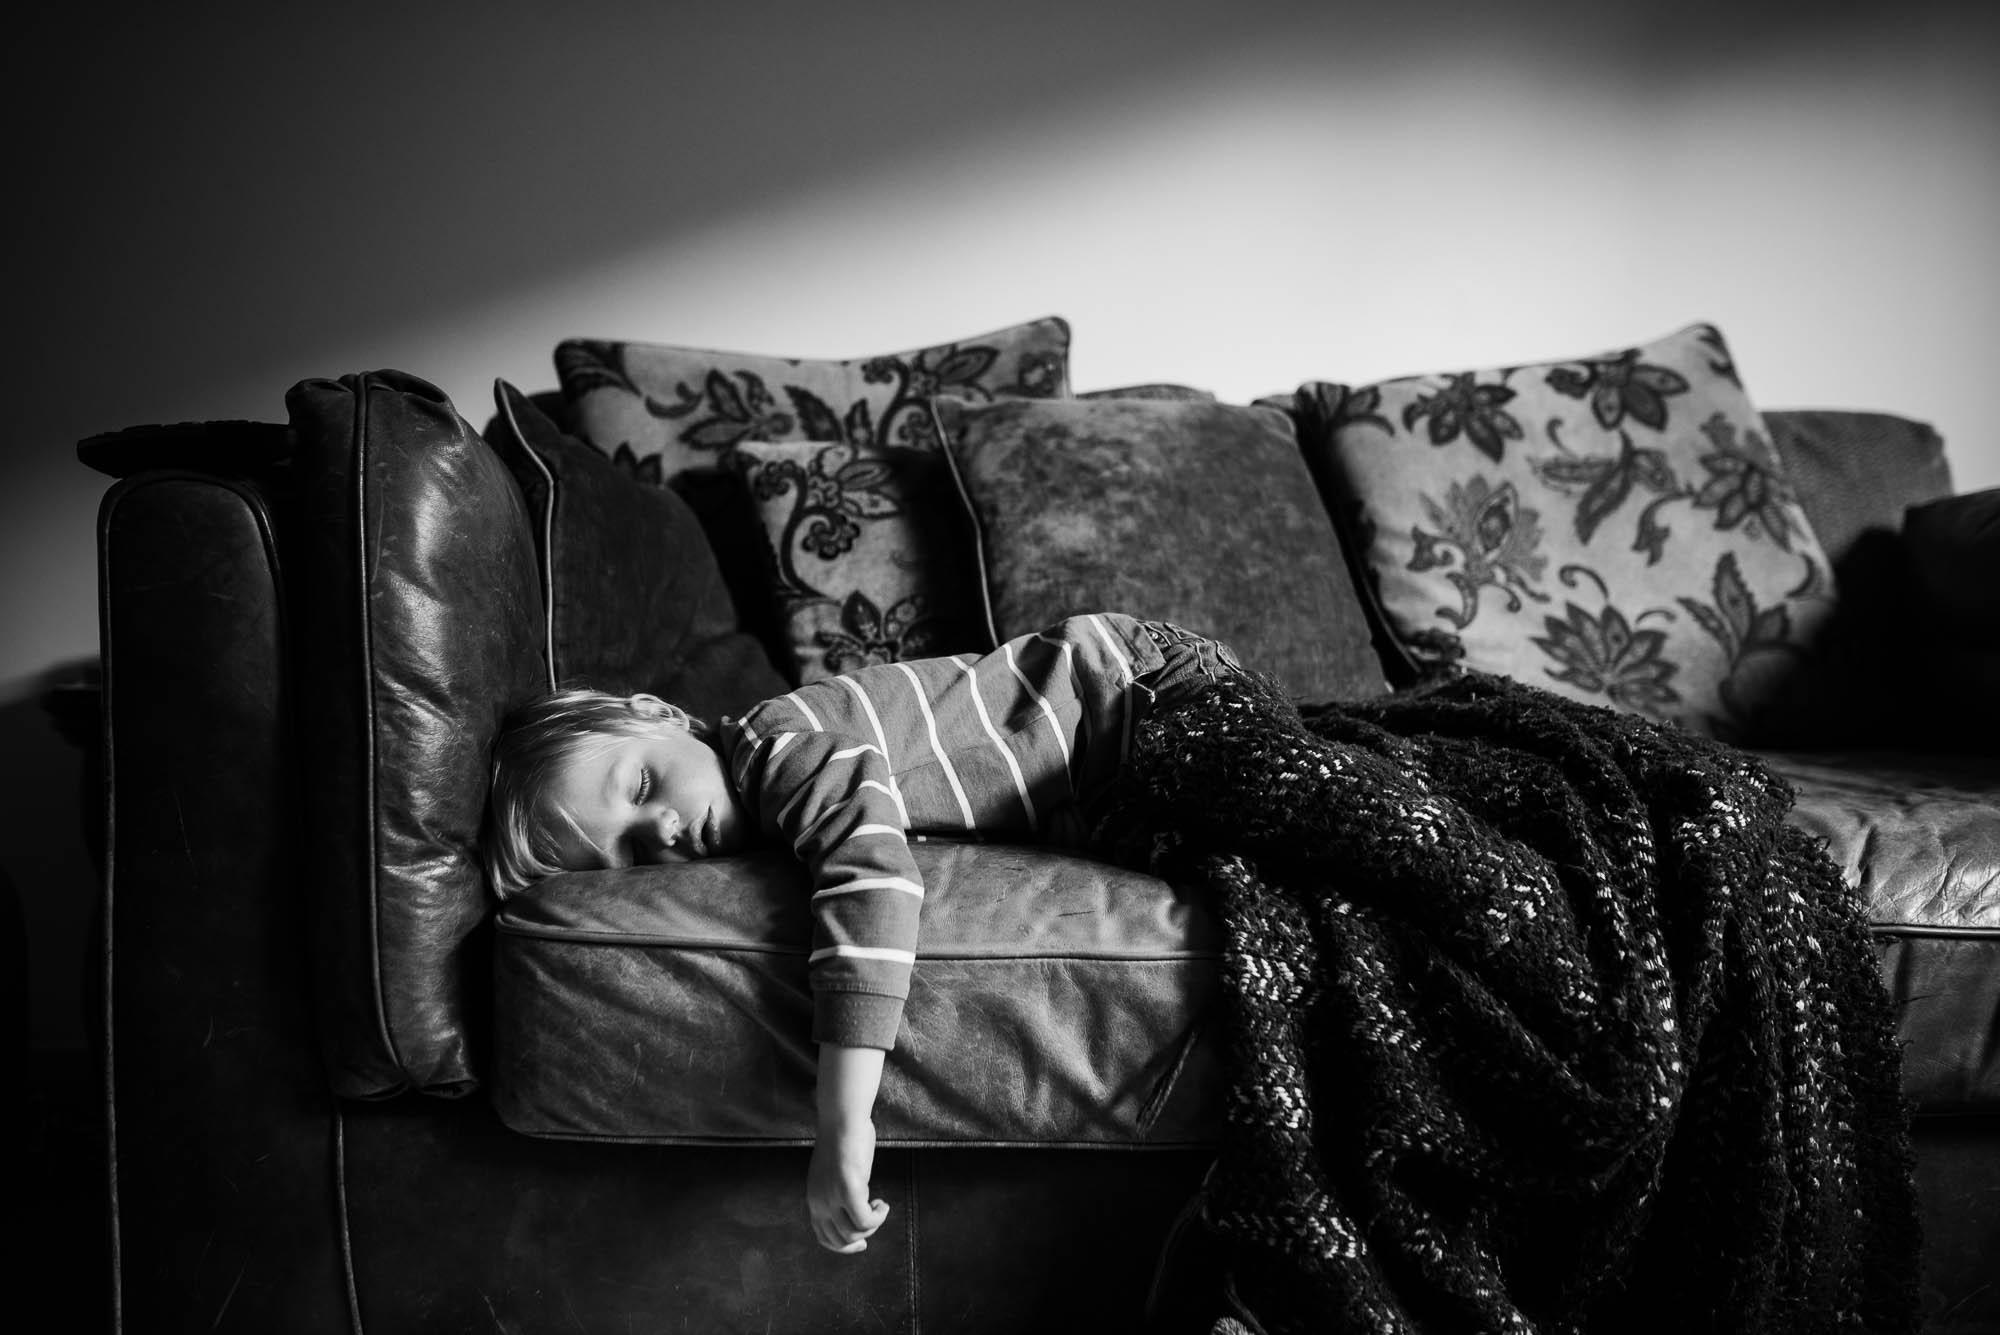 melbourne_family_photographer_boy_sleeping_on_the_sofa.jpg